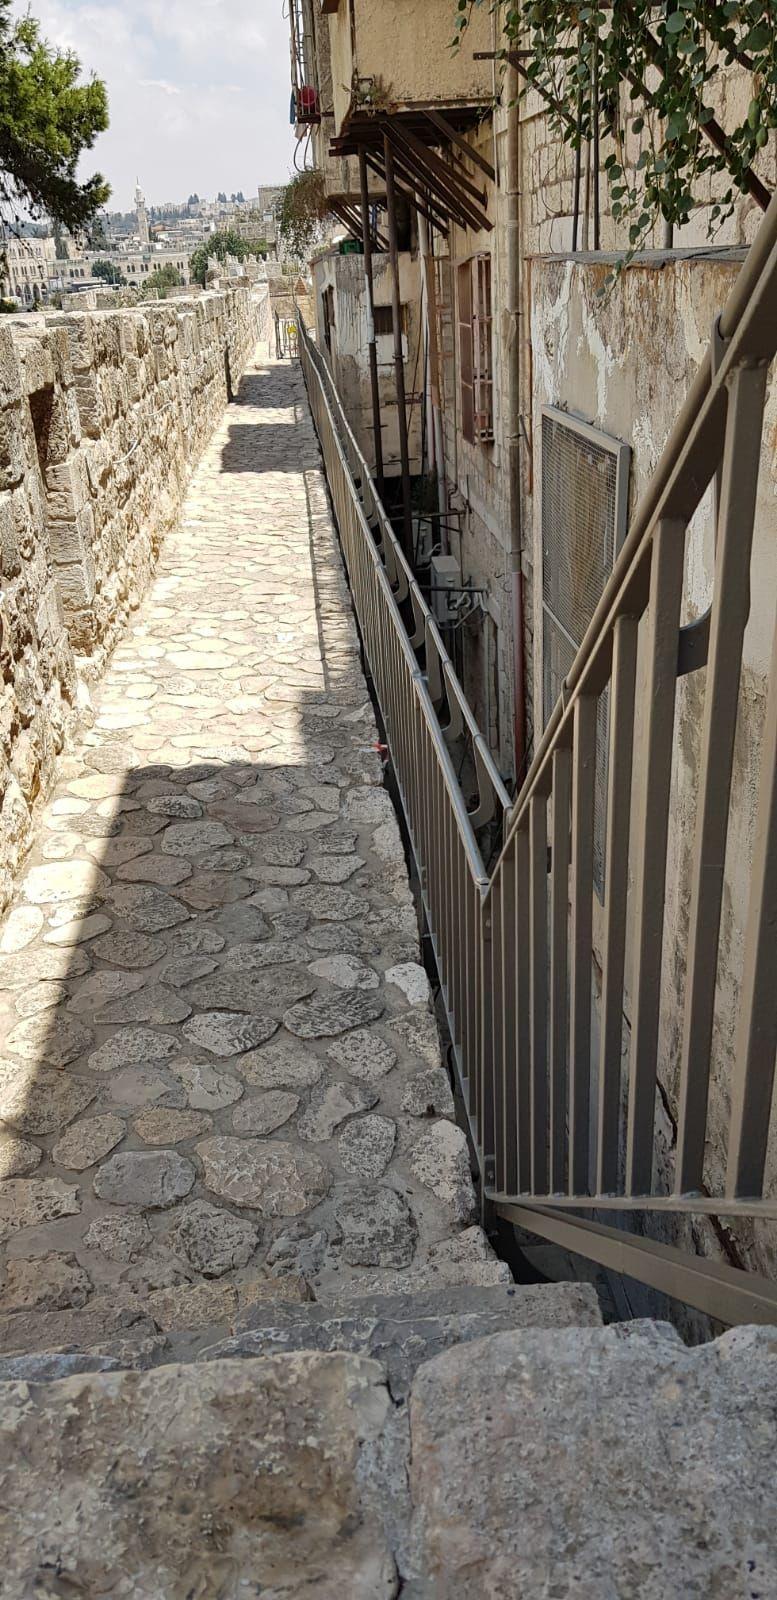 שיקום טיילת חומות העיר העתיקה, ירושלים תמונה מספר 3